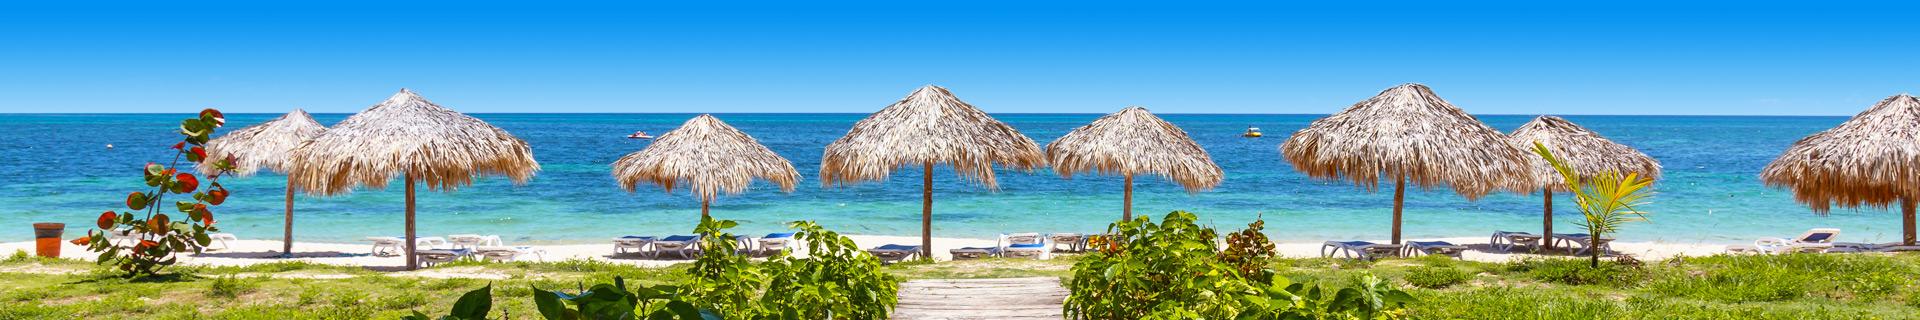 Uitzicht op het strand en de zee in Cuba